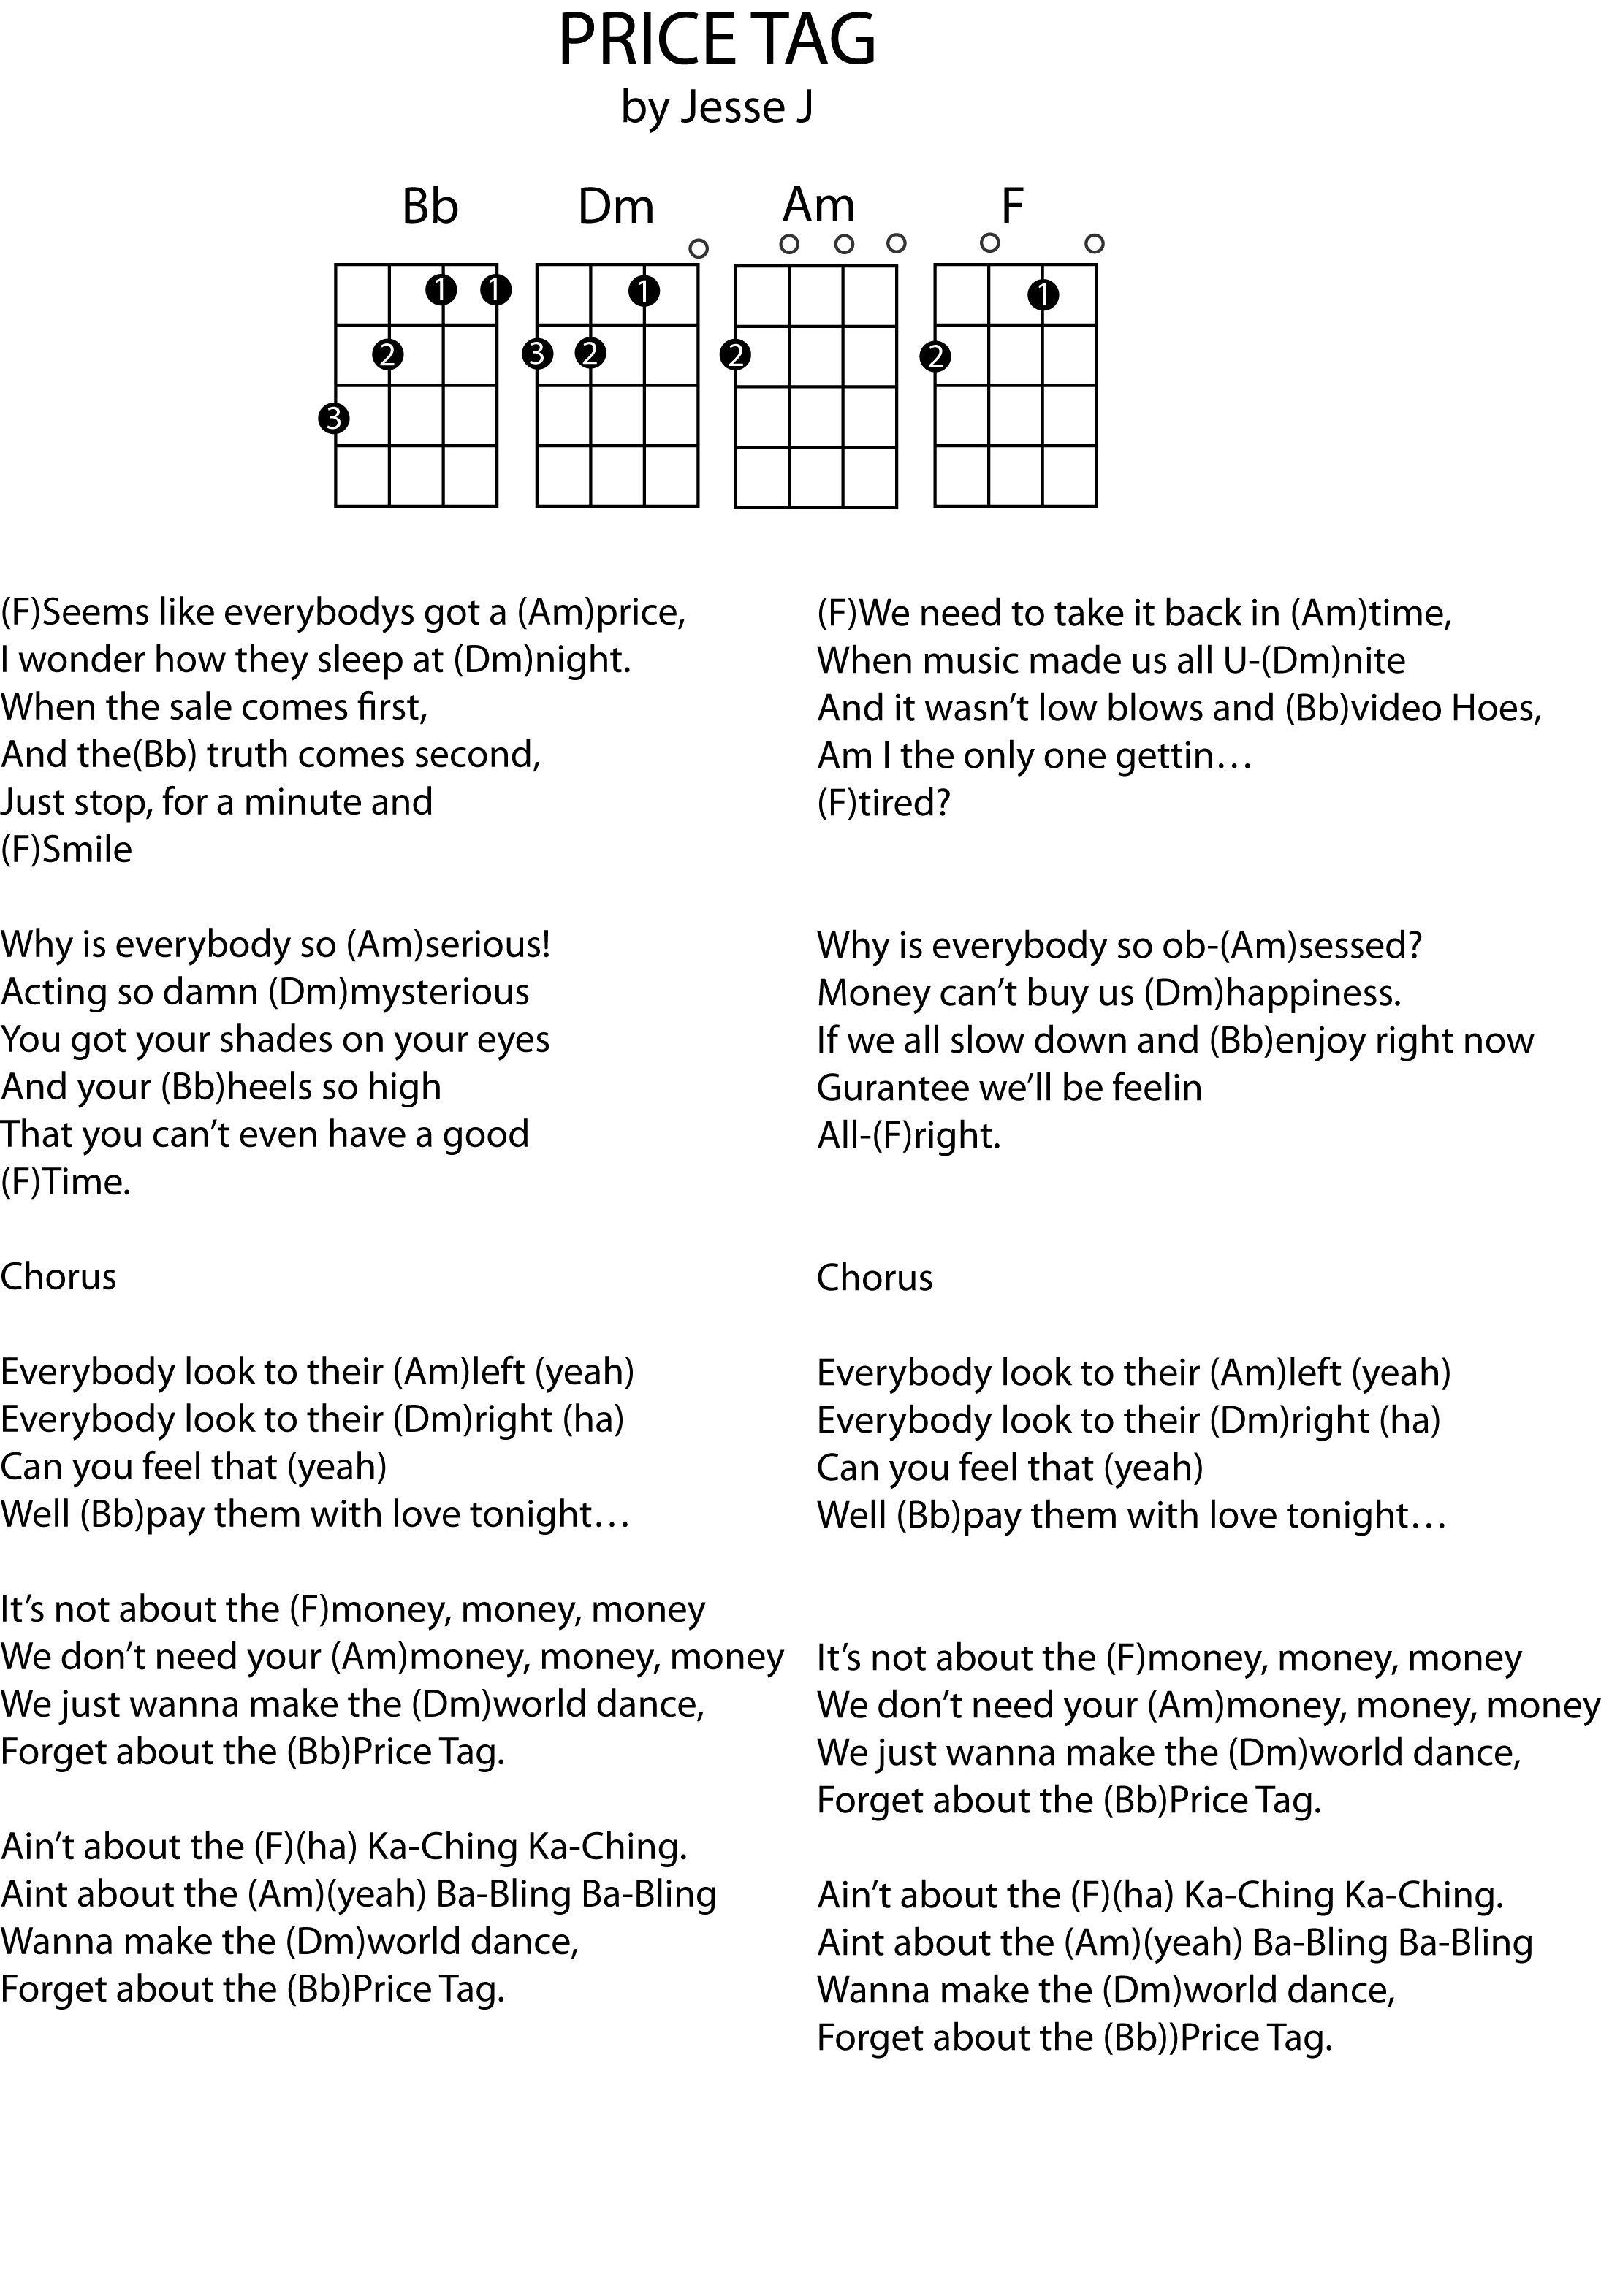 Price Tag Chords : price, chords, Price, Chord, Sheet., Prefer, Vocal, Range, Well., Ukulele, Songs,, Ukelele, Chords